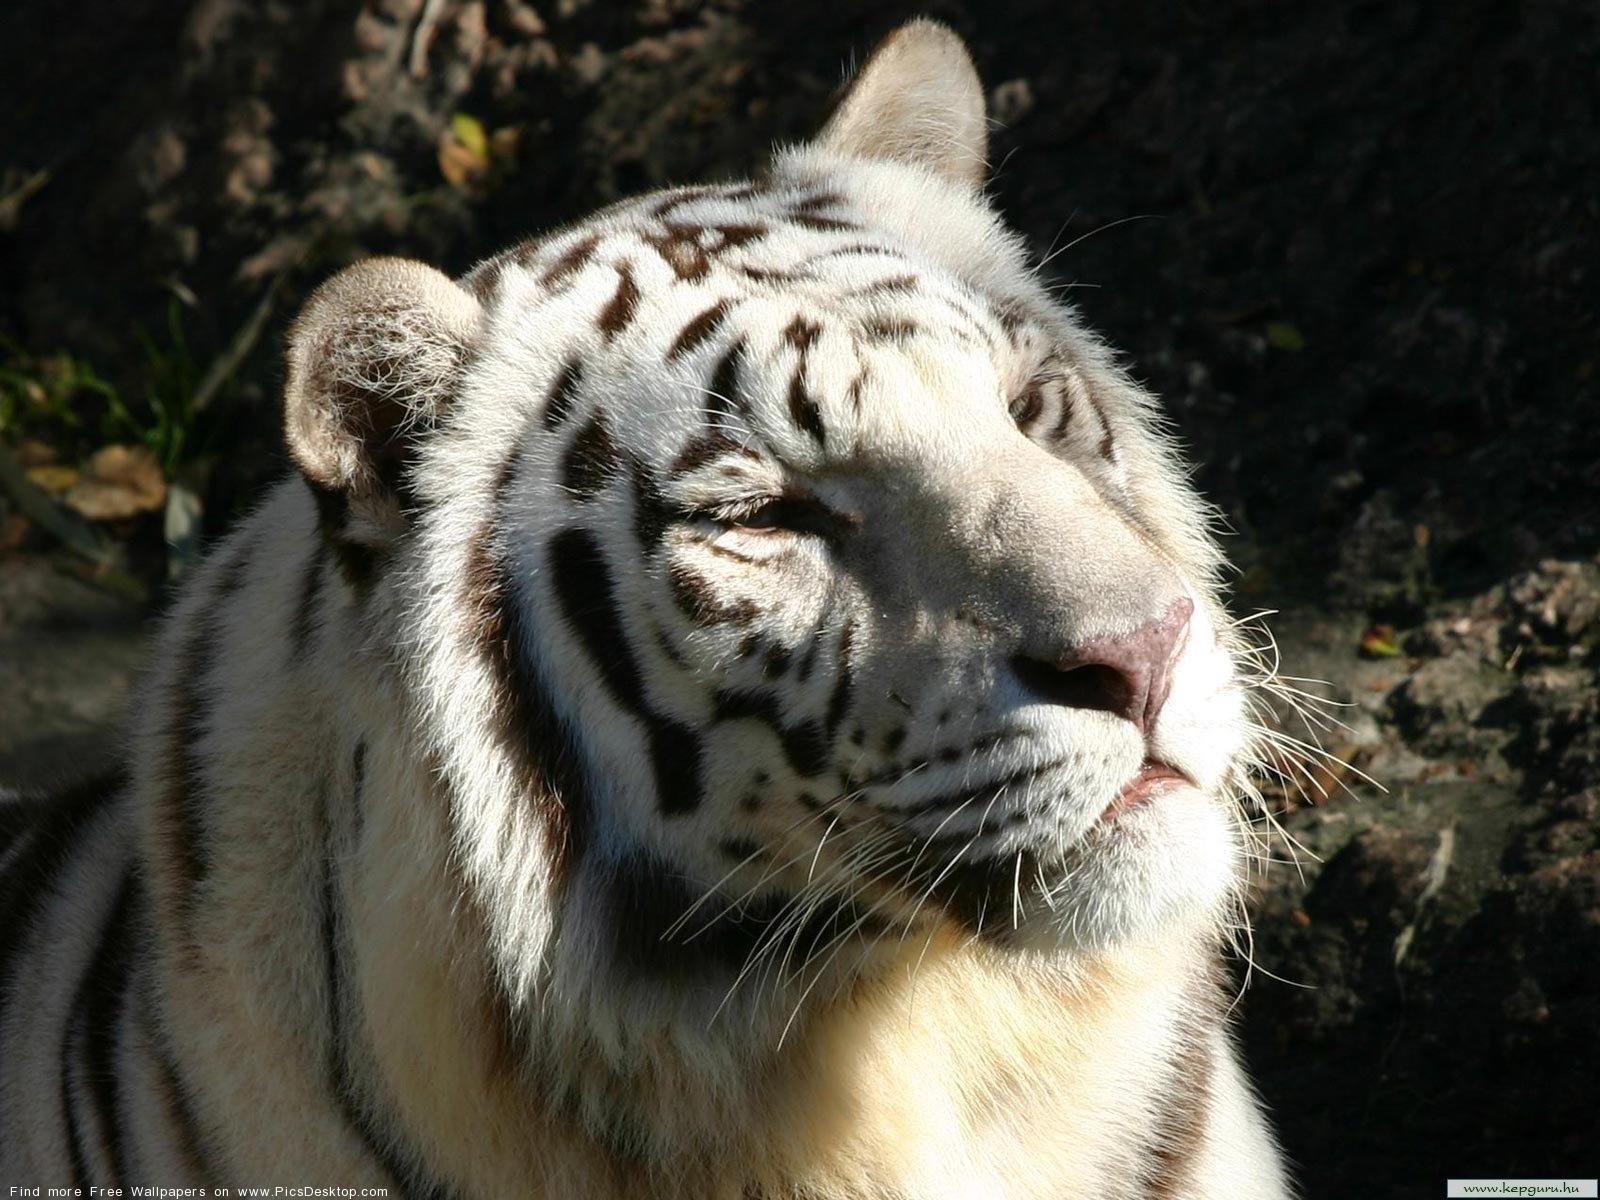 White Tiger Wild Animals Free Desktop Wallpaper Image 45